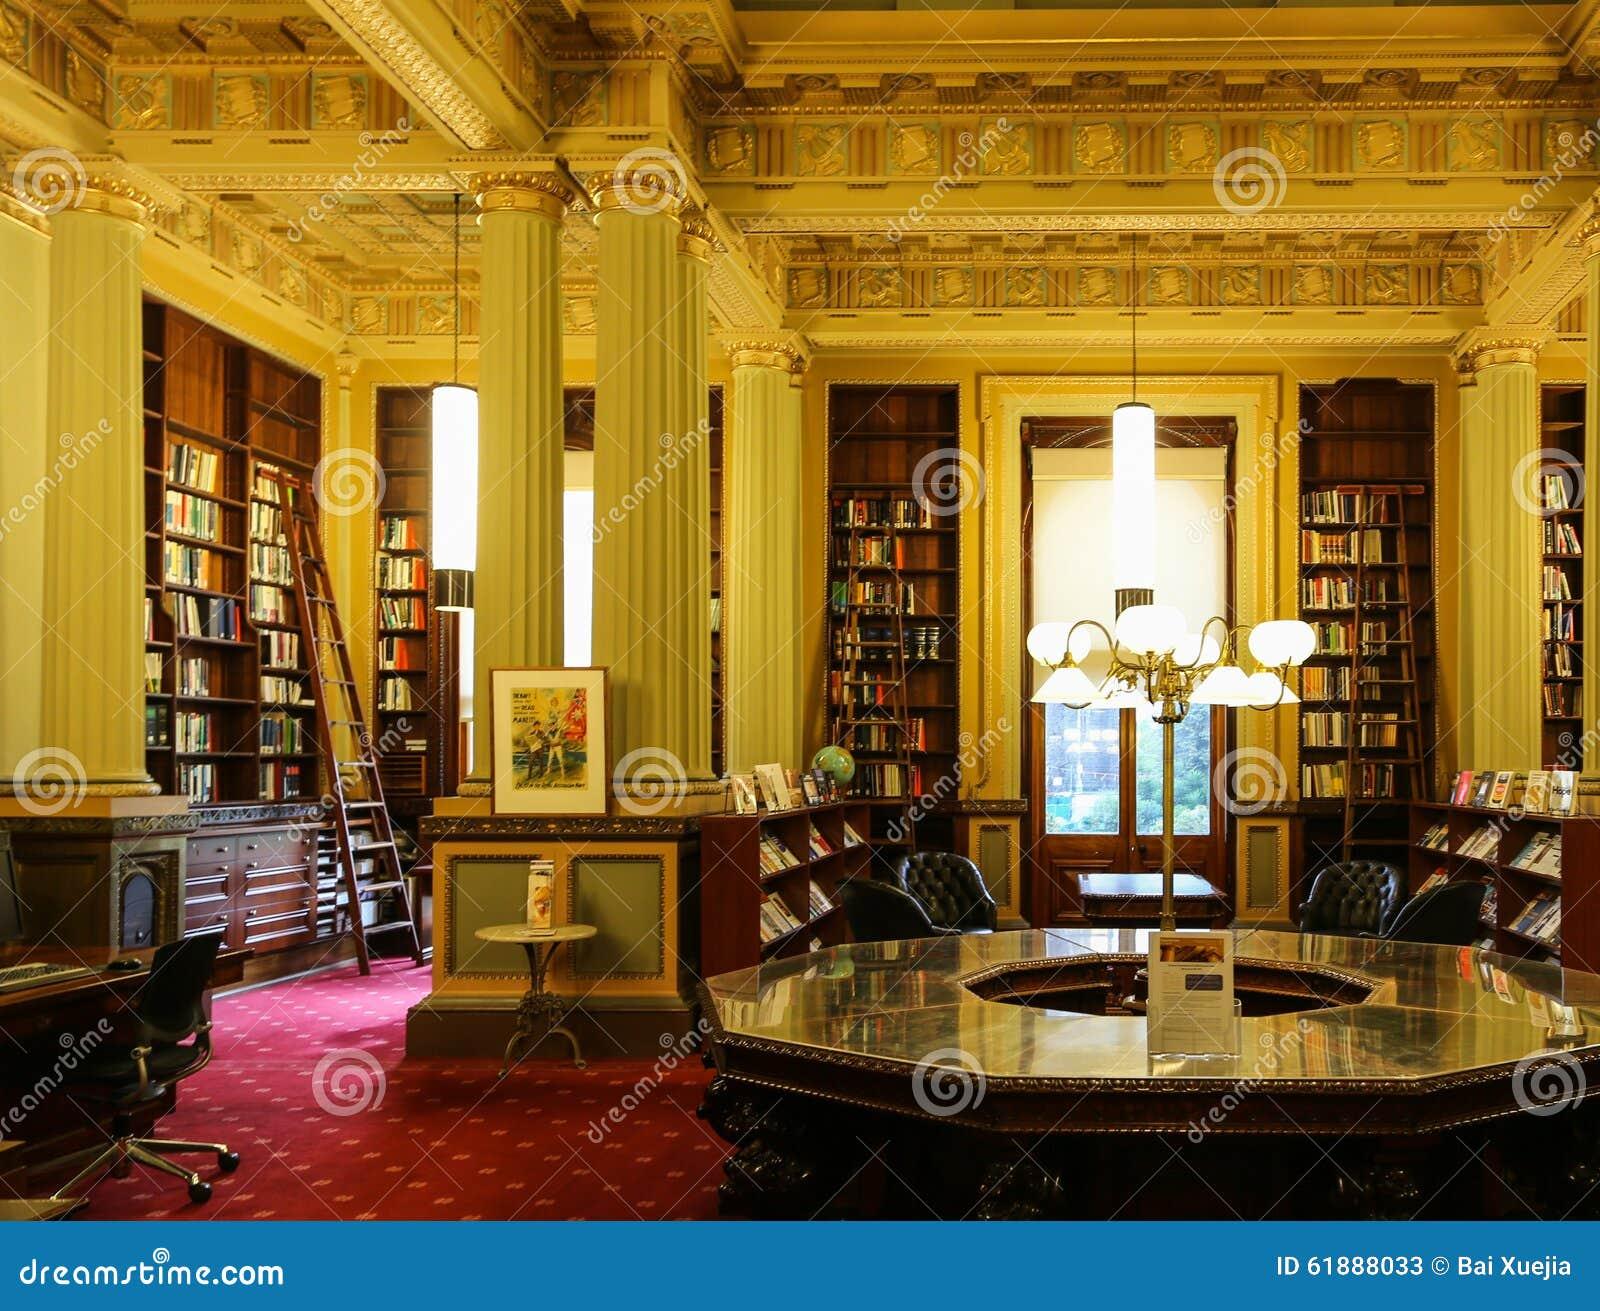 La biblioth que dans la maison du parlement melbourne australie photo stock ditorial image - La maison trojan melbourne ...